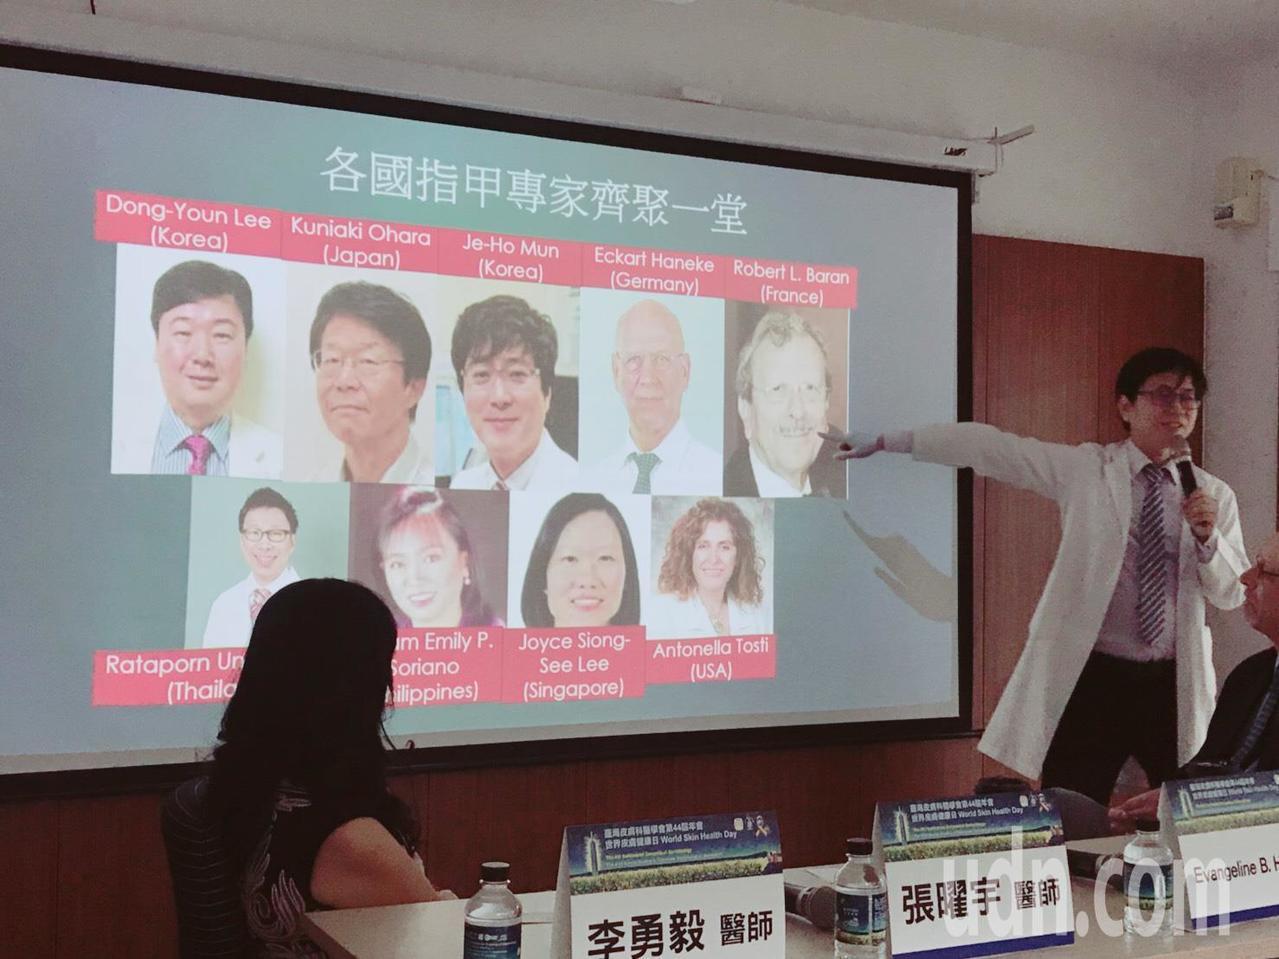 長庚醫院皮膚科主治醫師李勇毅(右)提醒,縱向黑甲症雖無需治療,但如果指甲縱紋變寬...